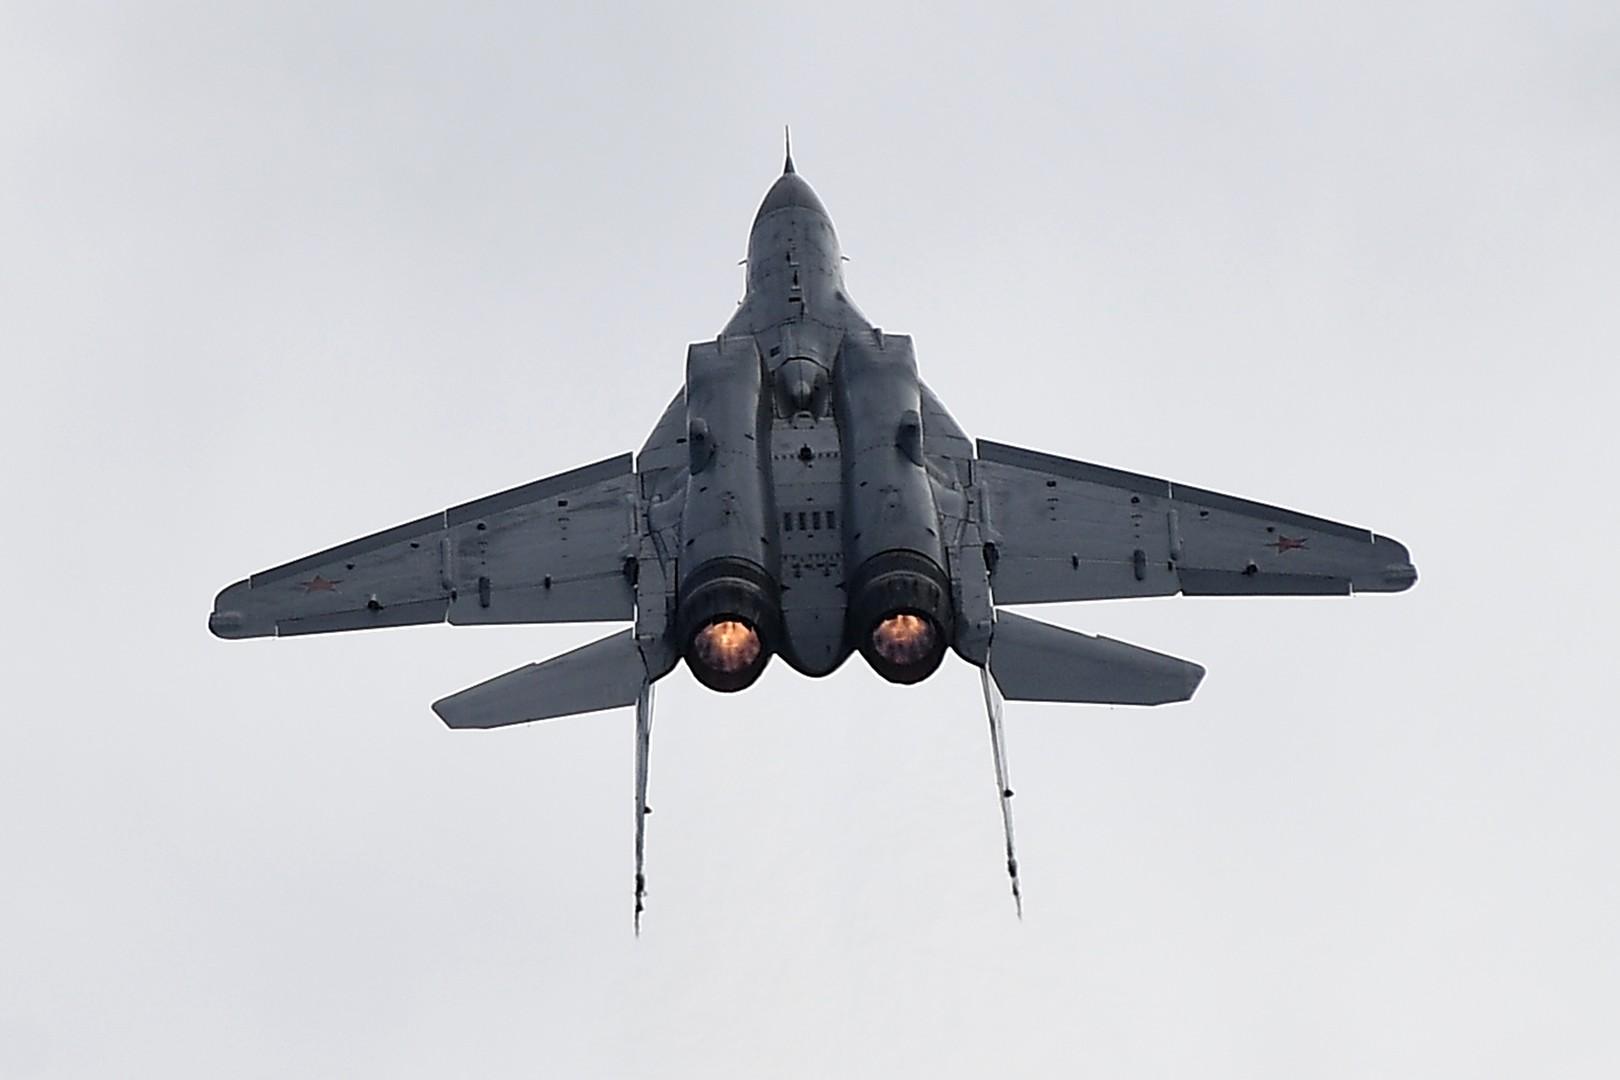 مصر تستعد للحصول على صفقة مقاتلات روسية تعتبر الأكبر منذ تفكك الاتحاد السوفيتي